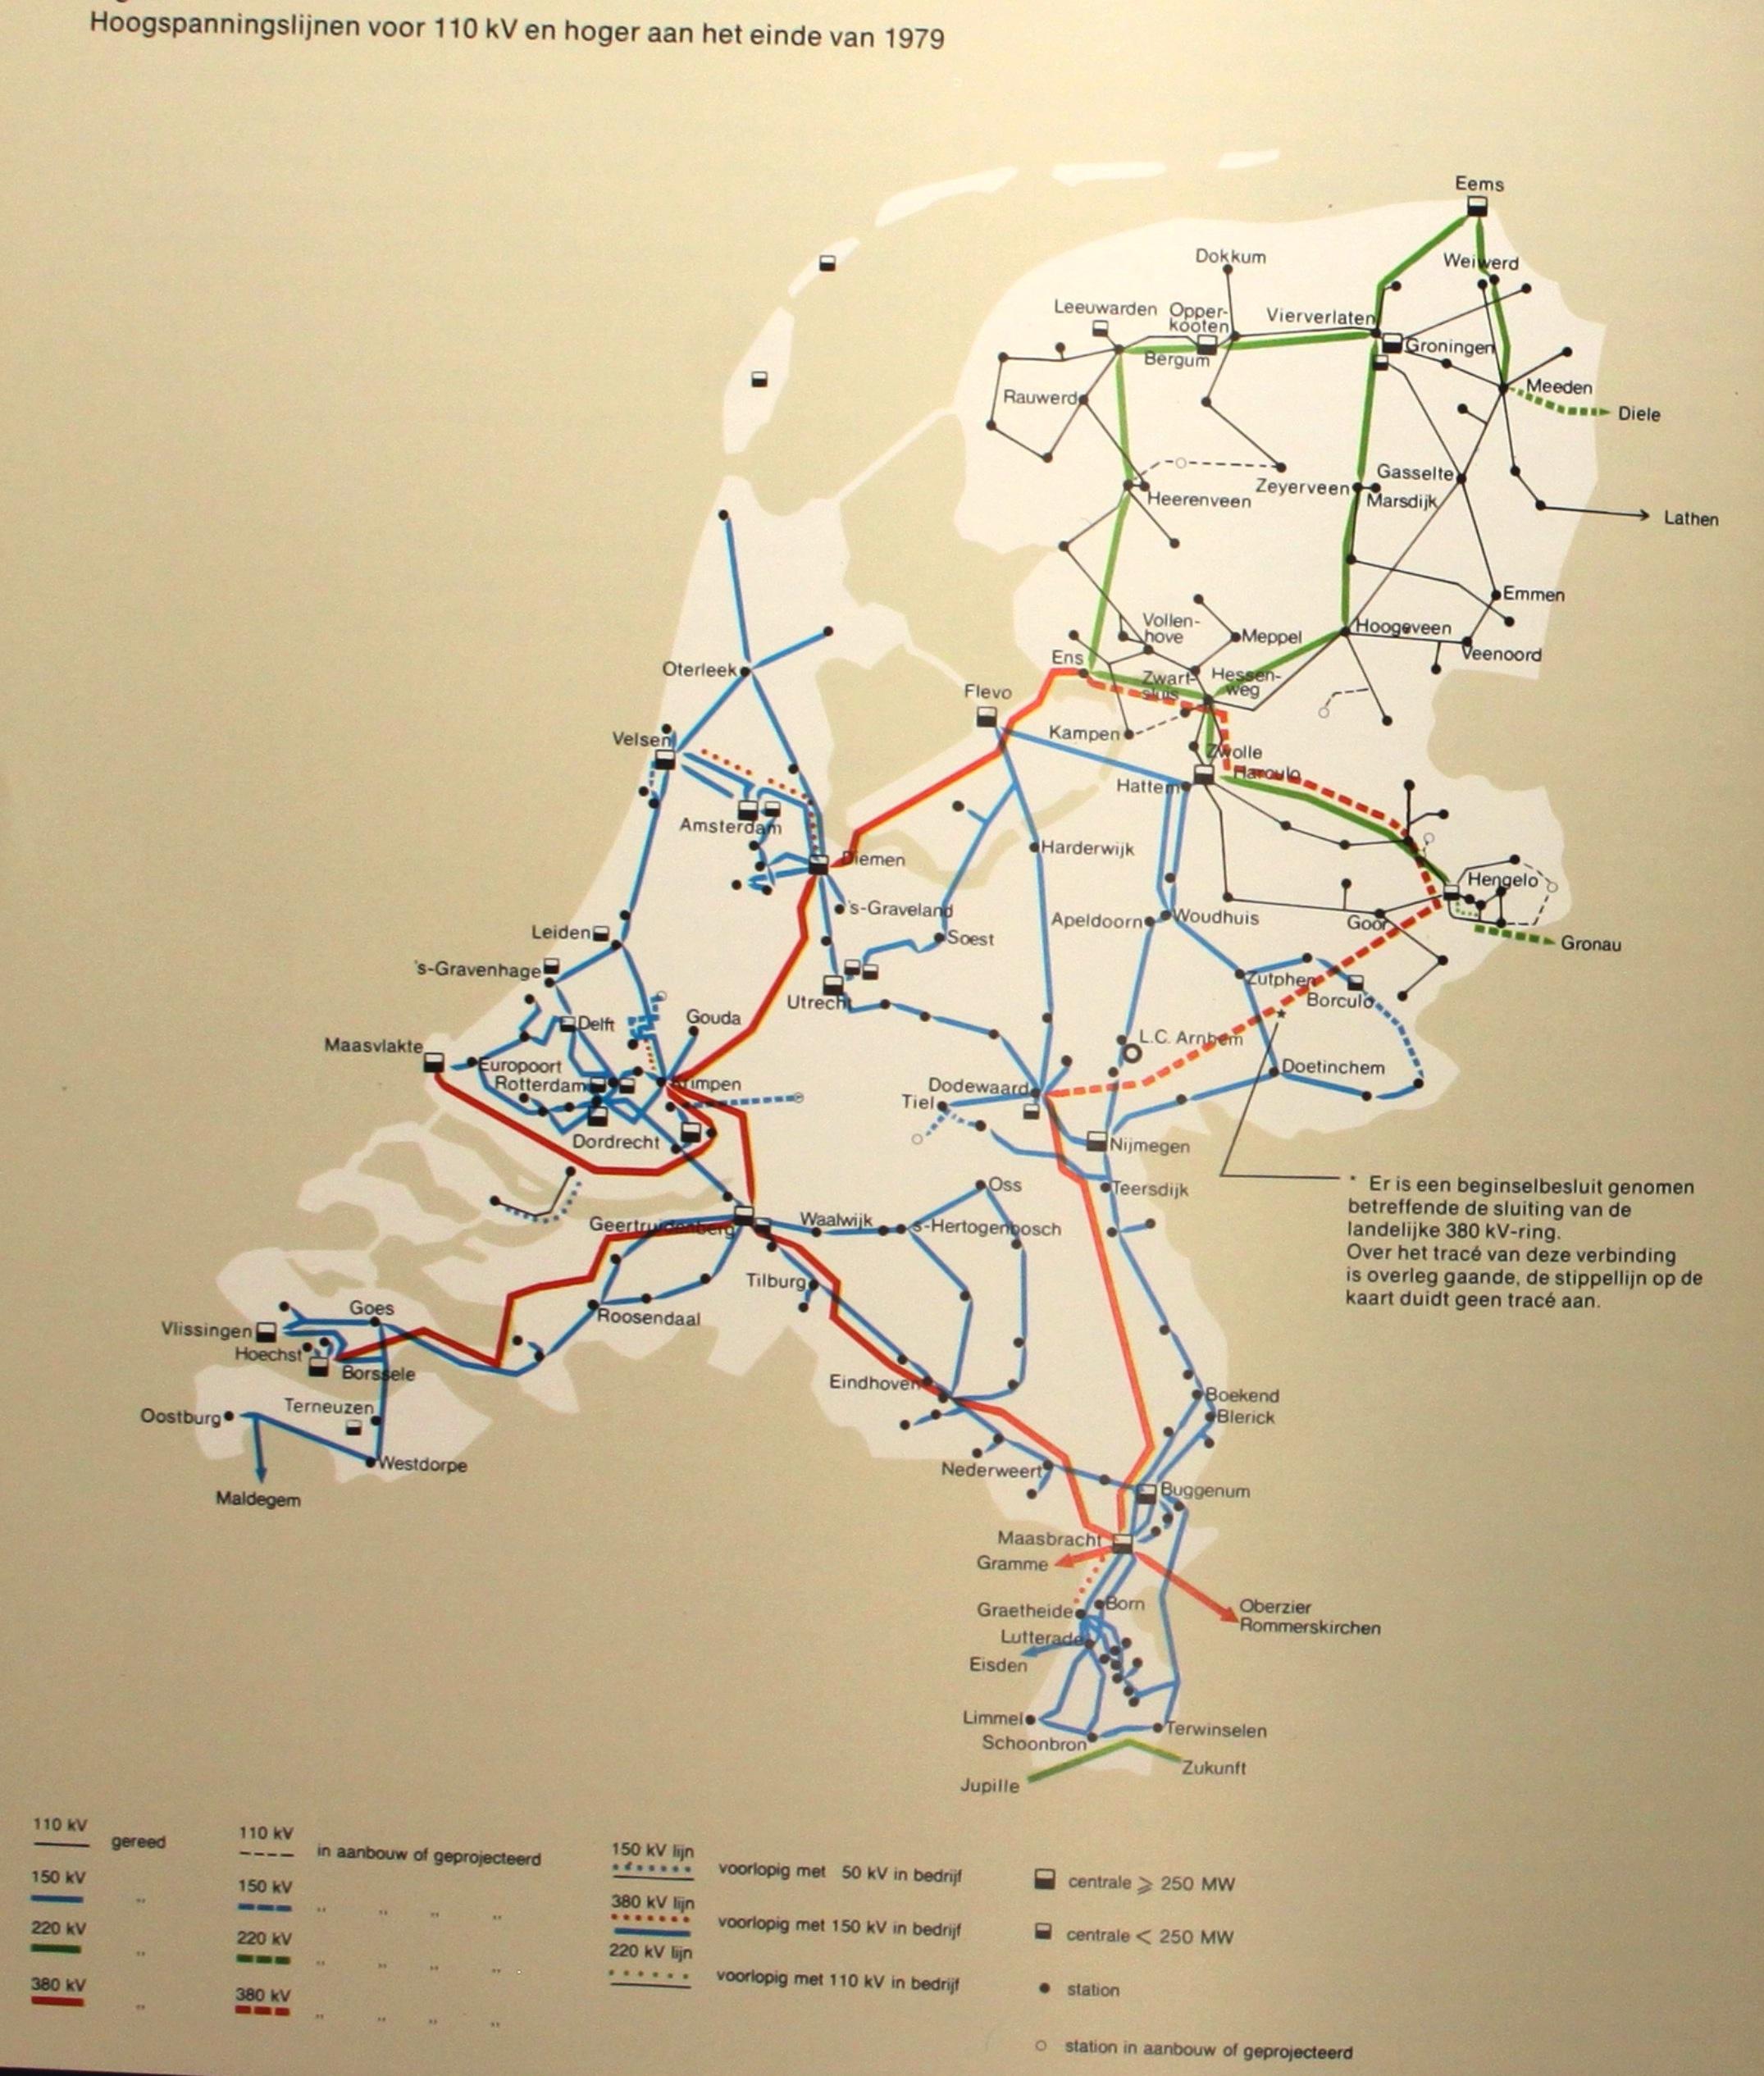 Netkaart van 1979